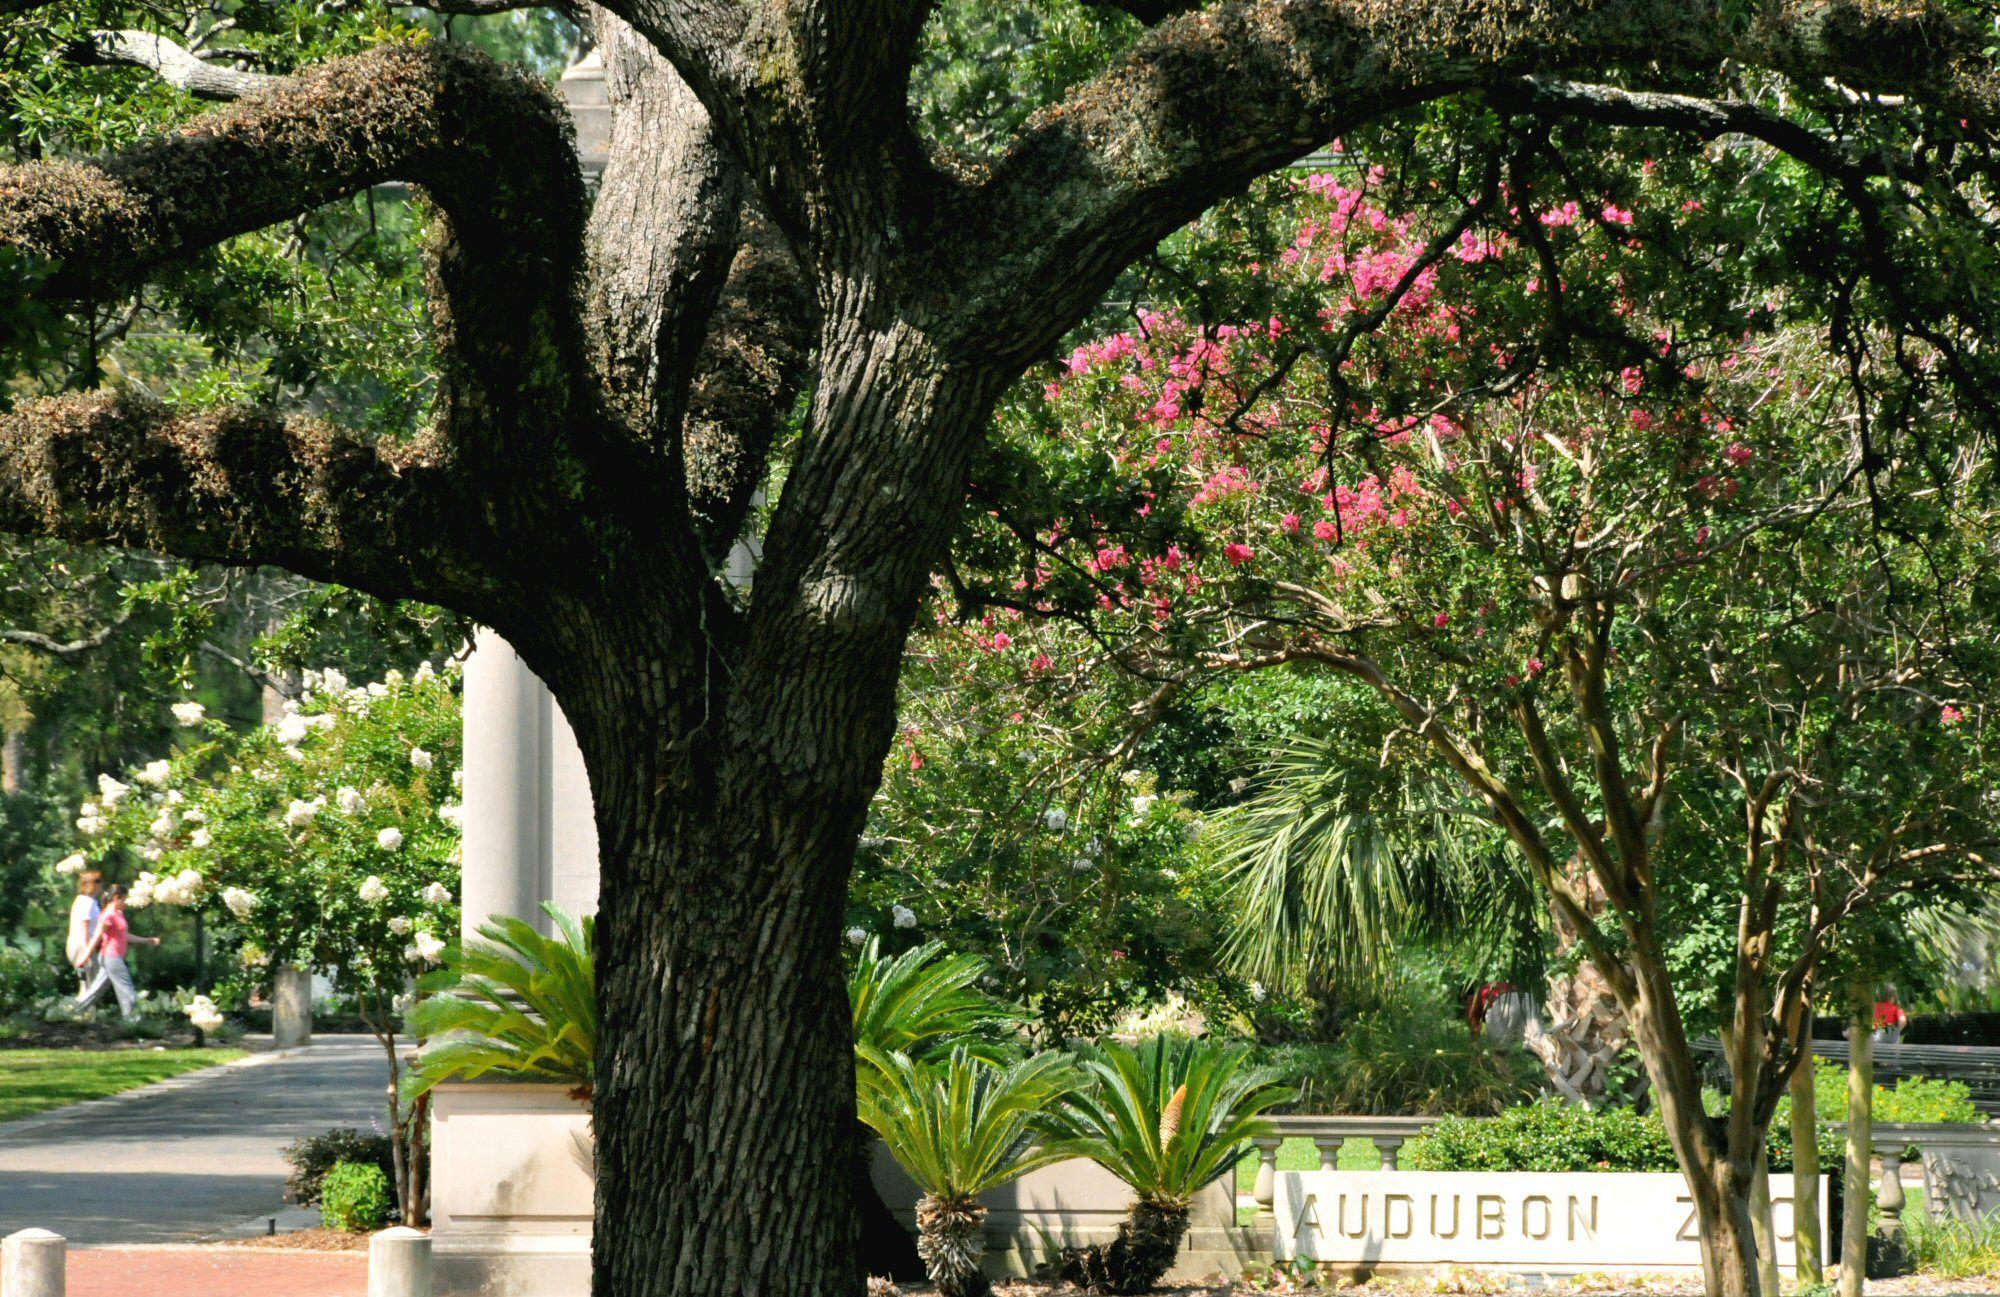 Φωτογραφία της περιοχής του ζωολογικού κήπου Audubon Park, σχεδιασμένη από τον Olmsted Brothers